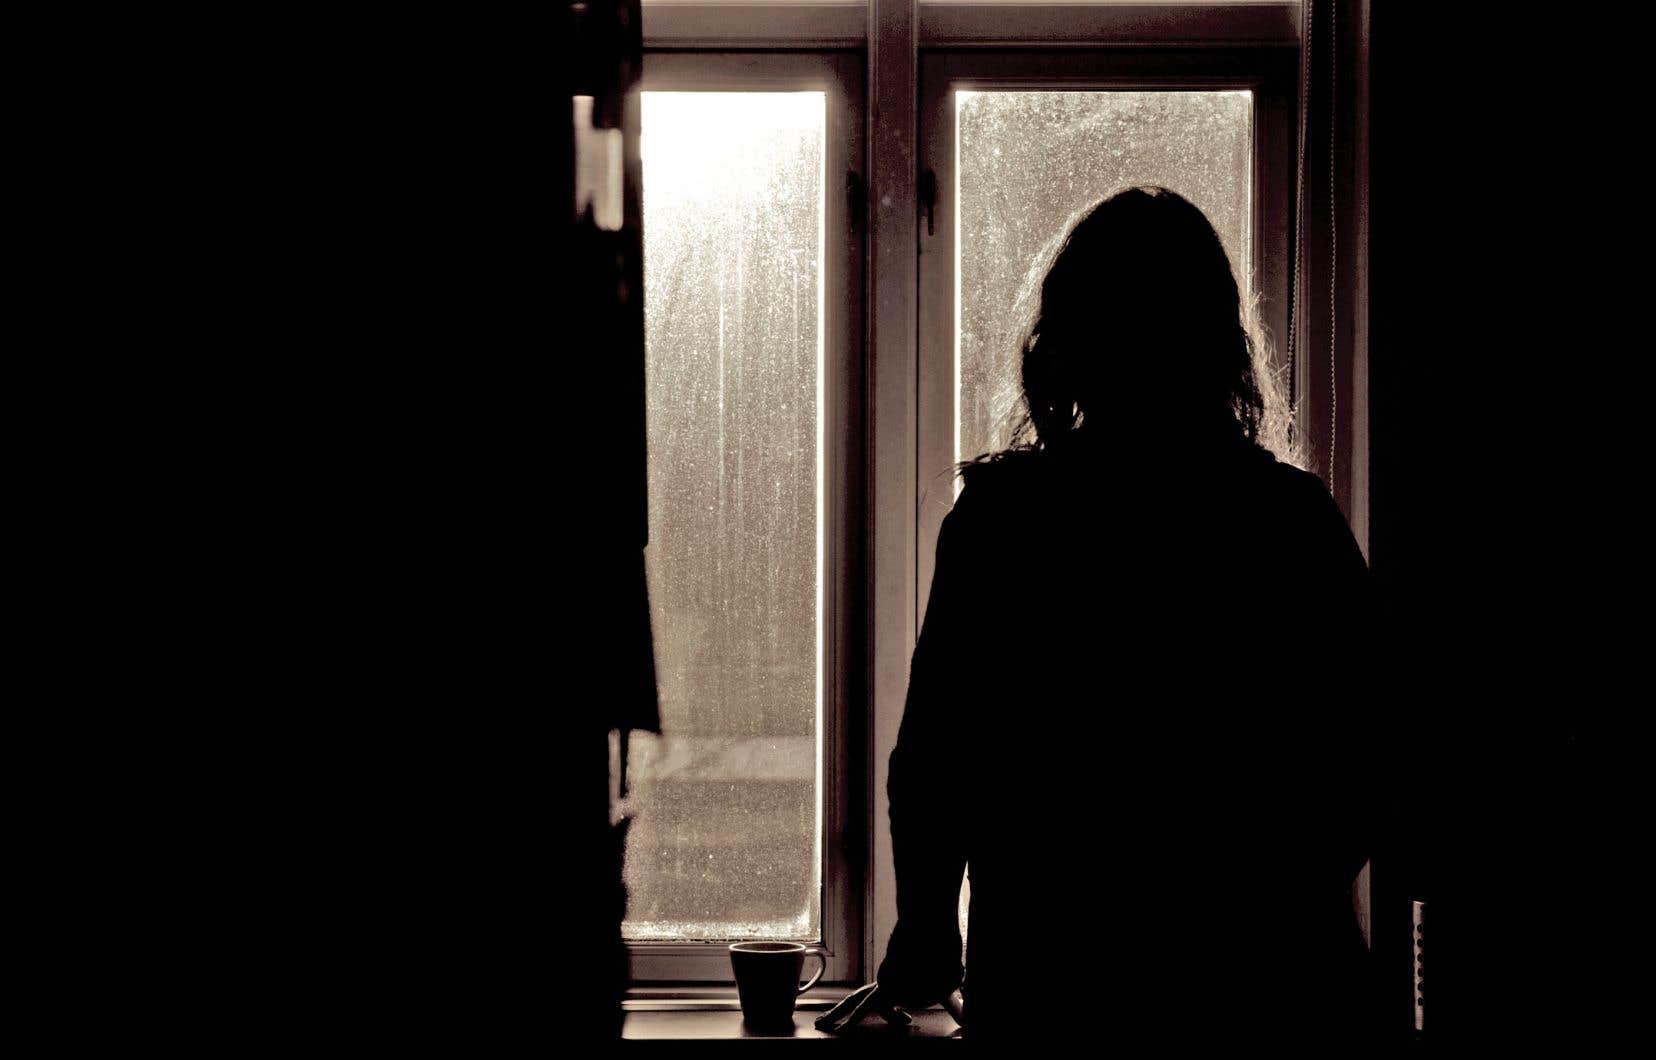 Les facteurs de risque sont examinés par l'entremise d'entrevues avec le suspect et avec la victime présumée, afin de sonder les craintes de celle-ci.